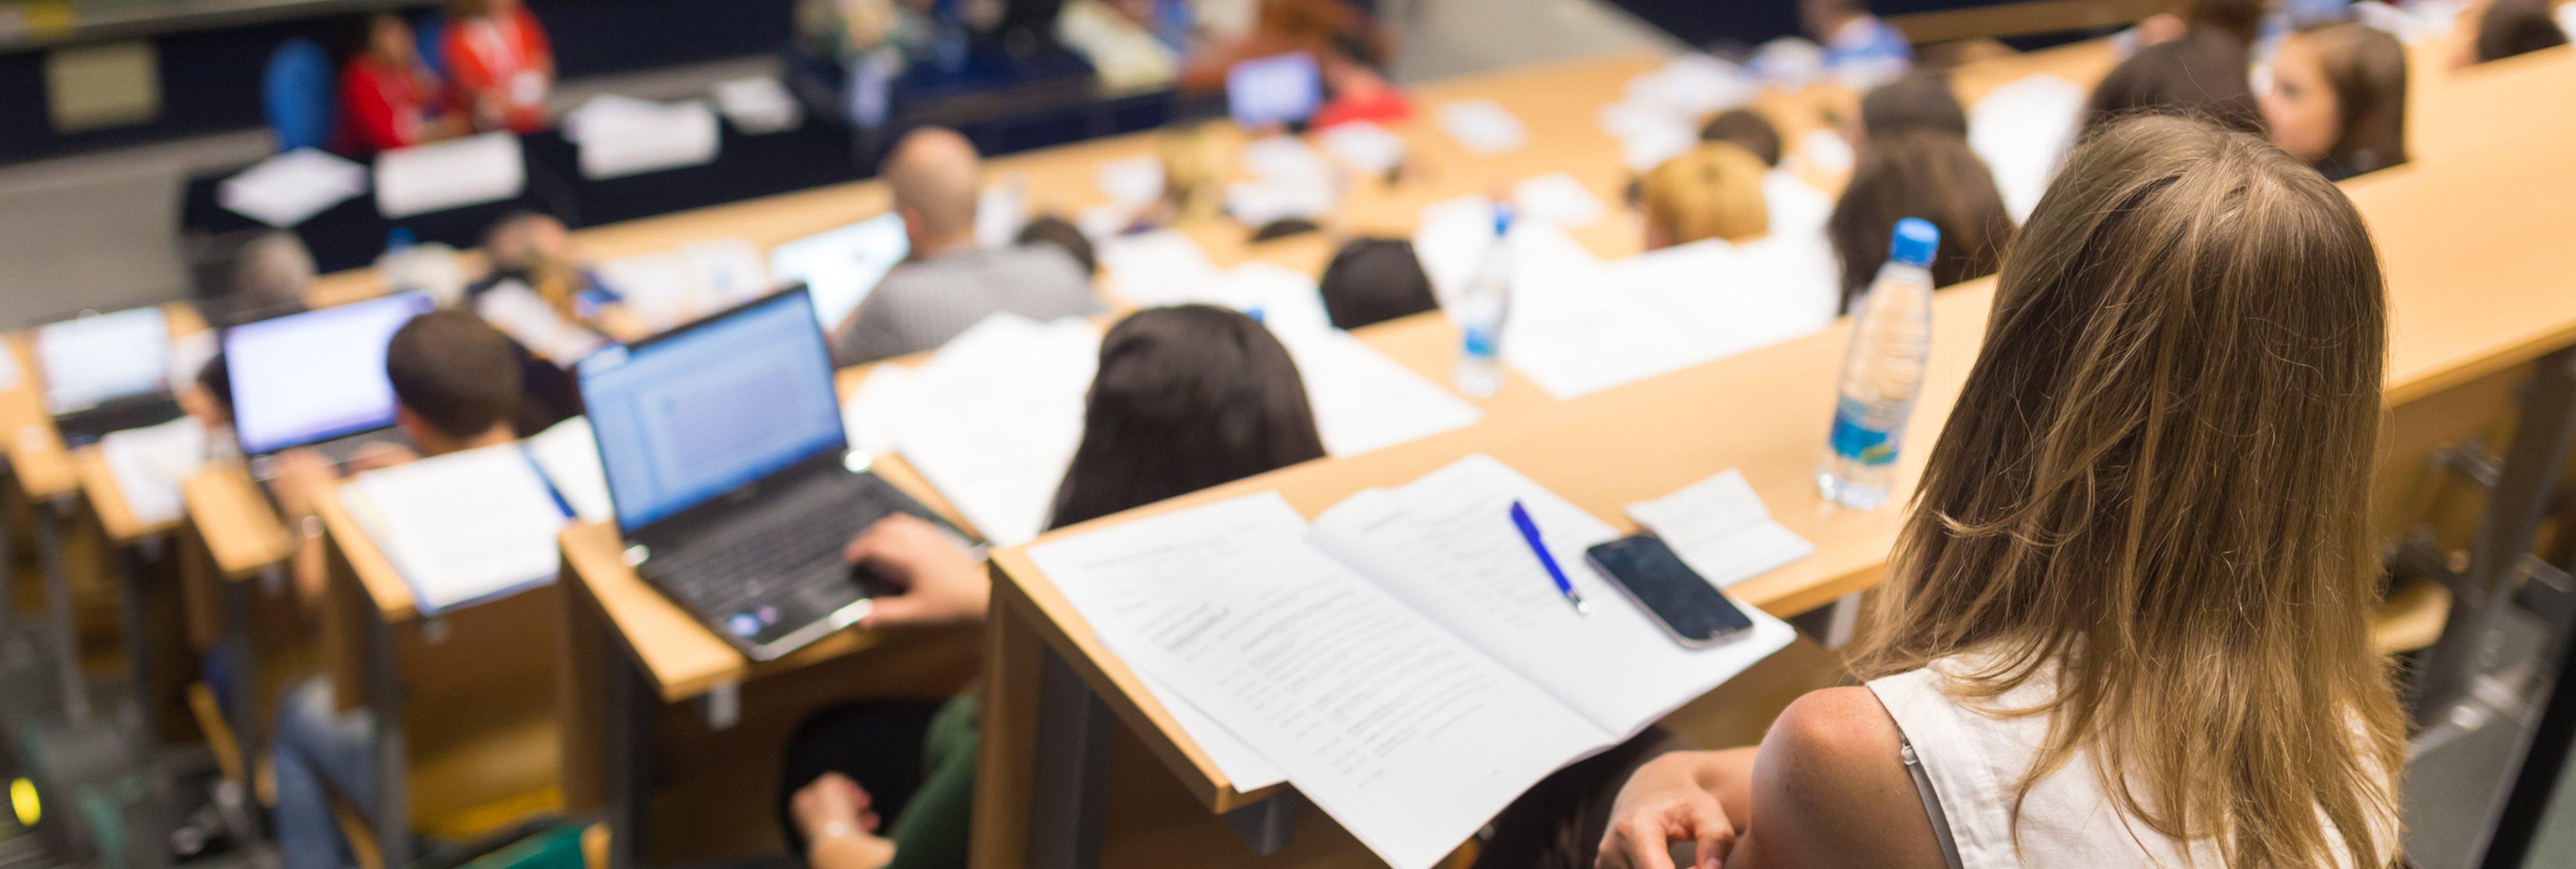 El 10% de los universitarios tiene ideas suicidas en su primer curso de carrera